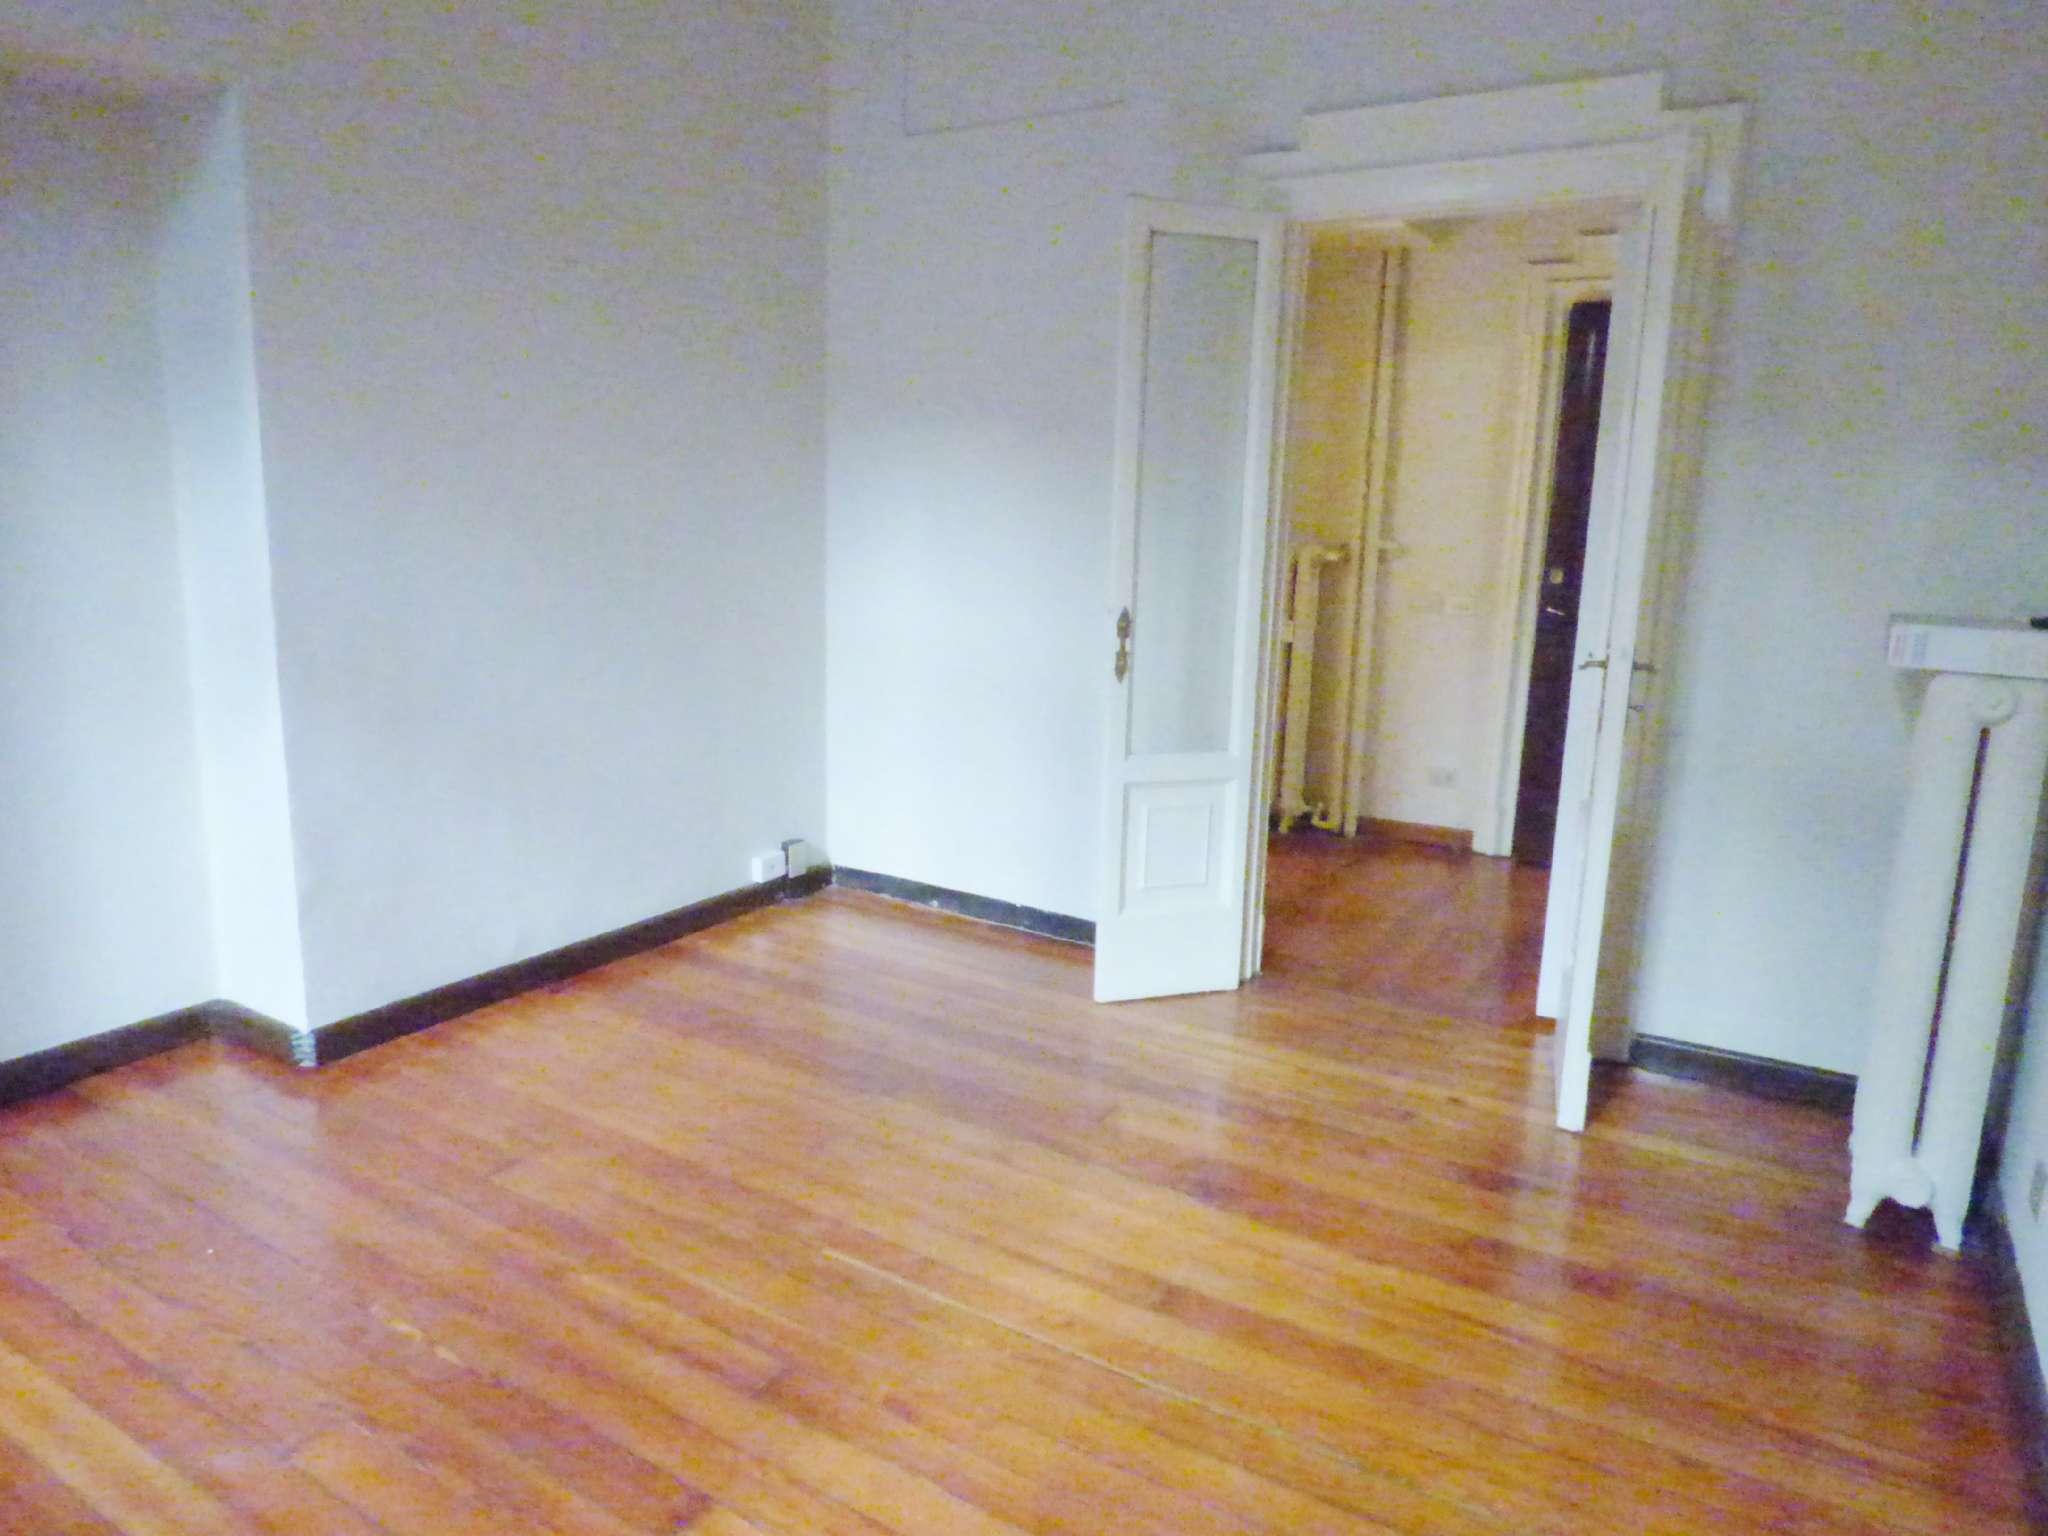 Negozio-locale in Affitto a Milano 01 Centro storico (Cerchia dei Navigli): 2 locali, 50 mq